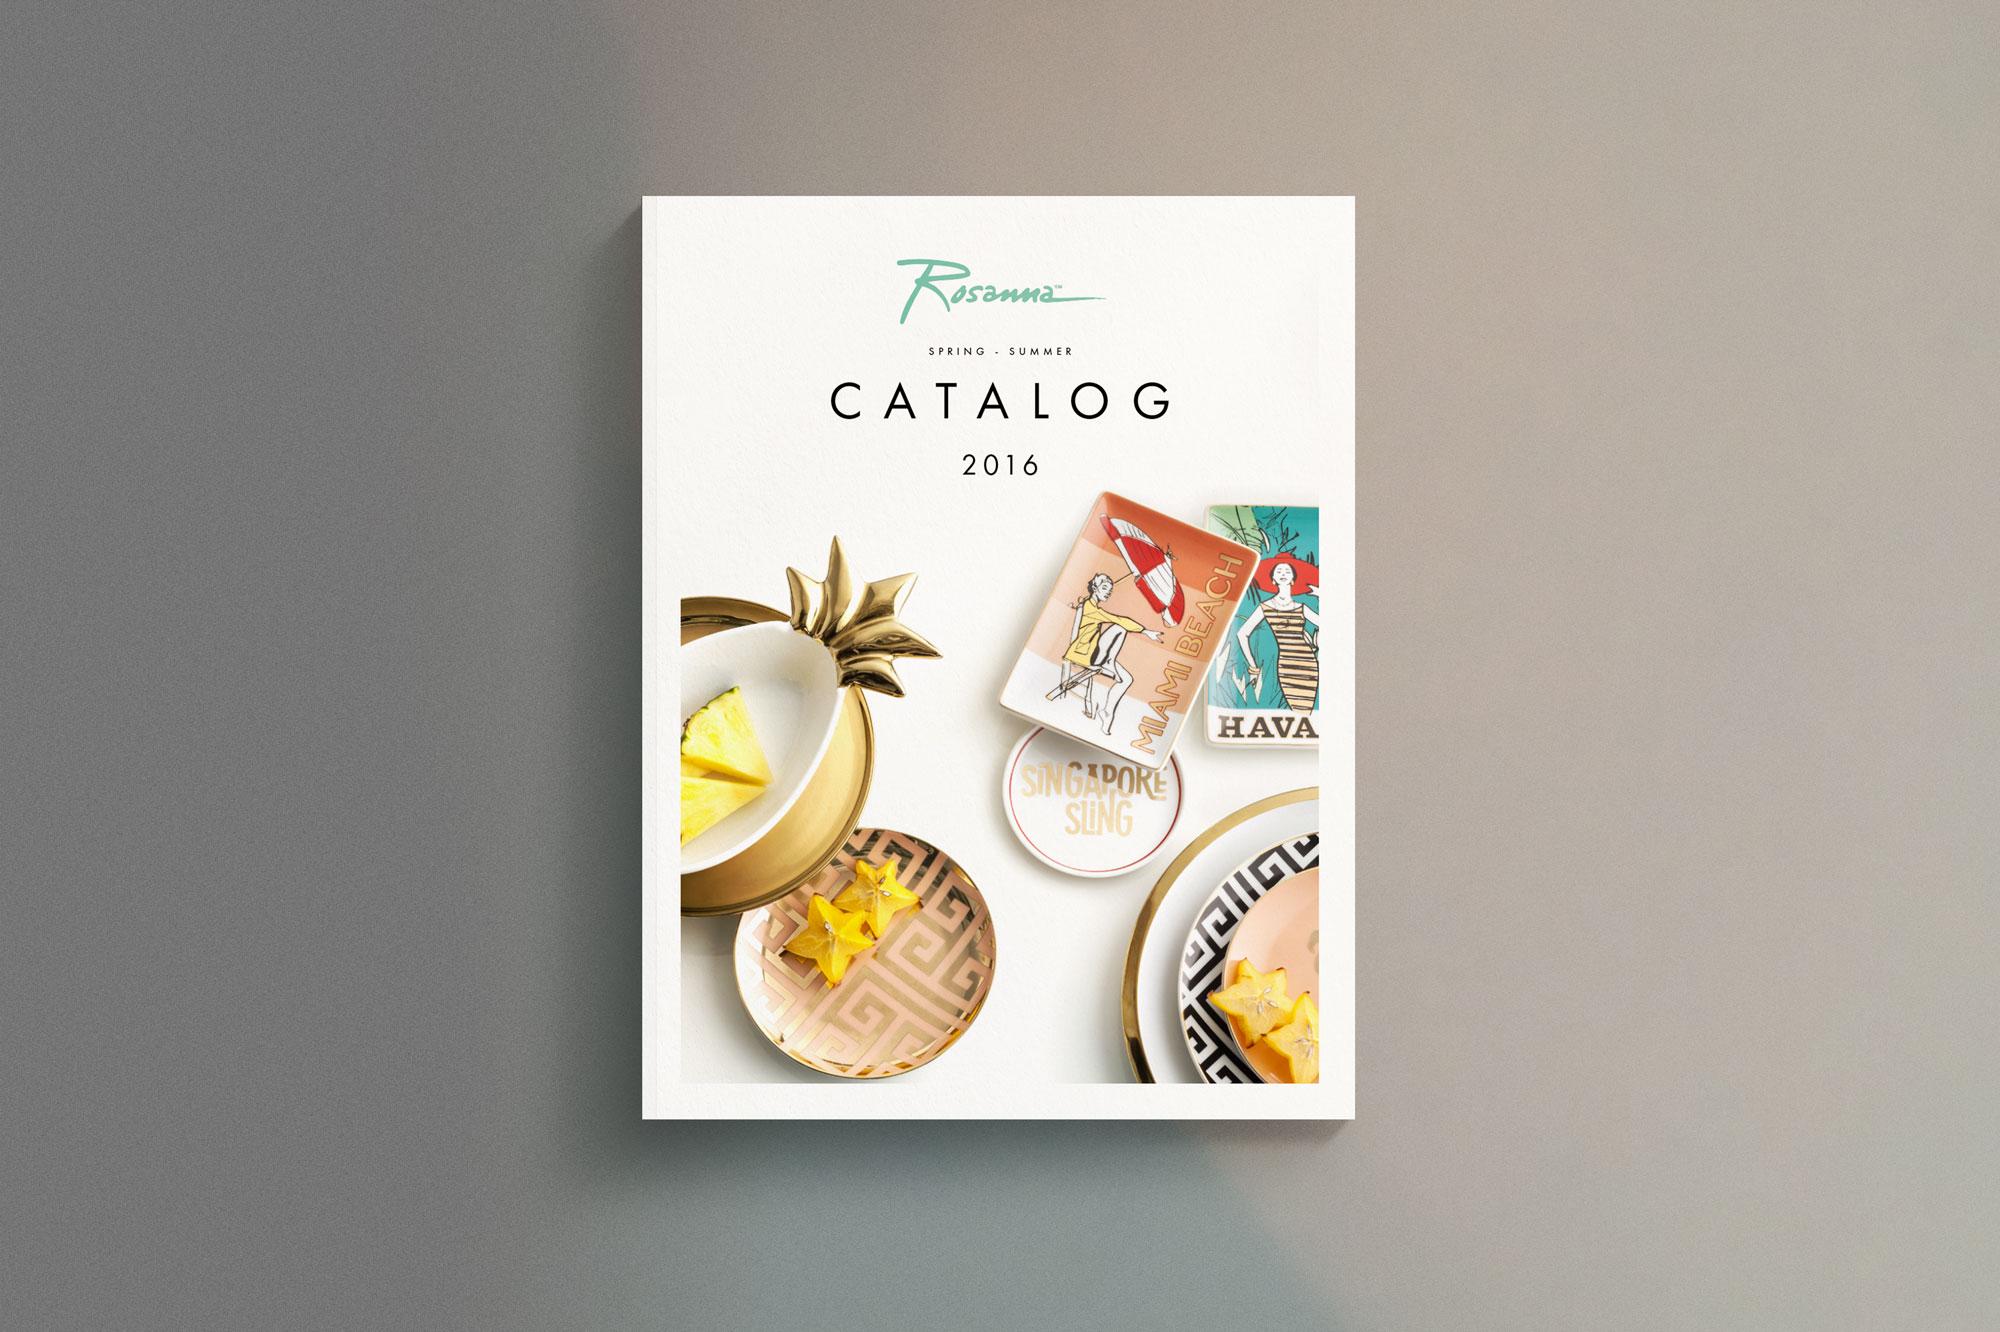 rosanna-catalogCover.jpg